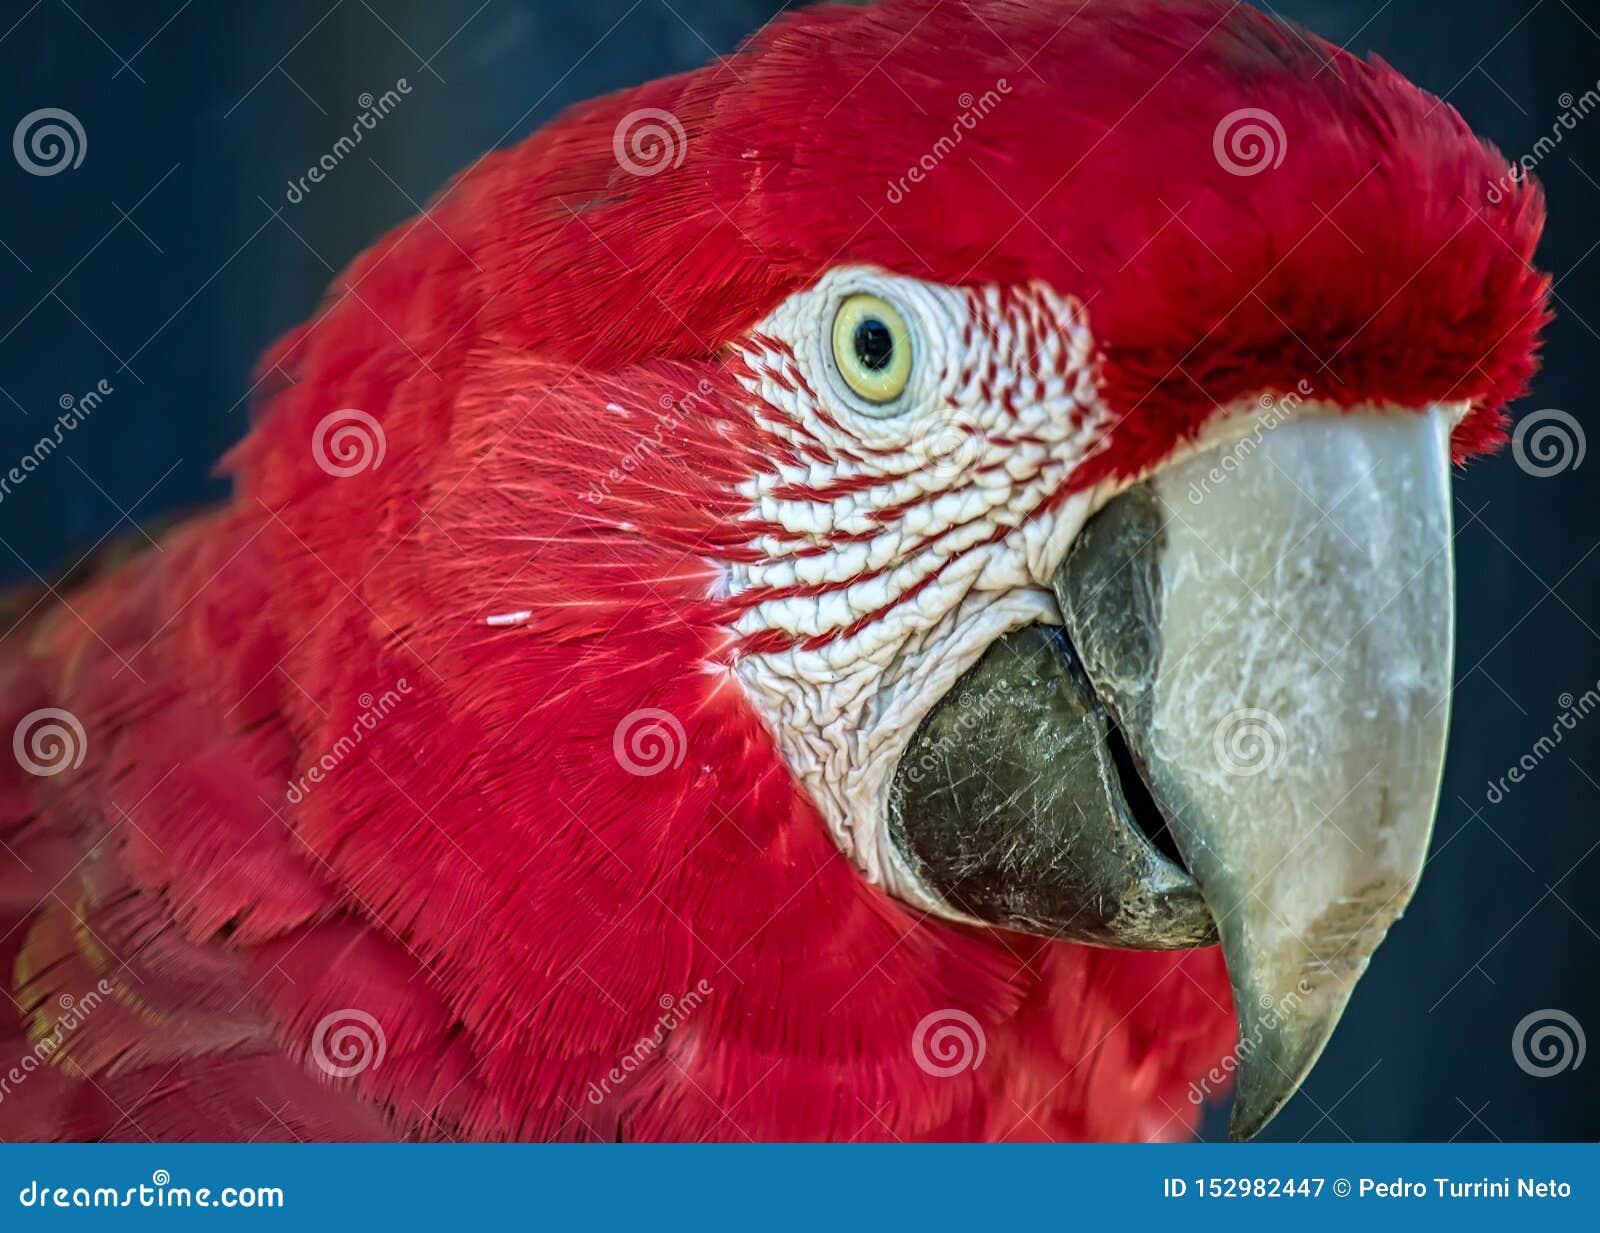 Vermelha vermelho de Arara da arara aka, pássaro brasileiro exótico - foto da cabeça de uma arara vermelha no close up